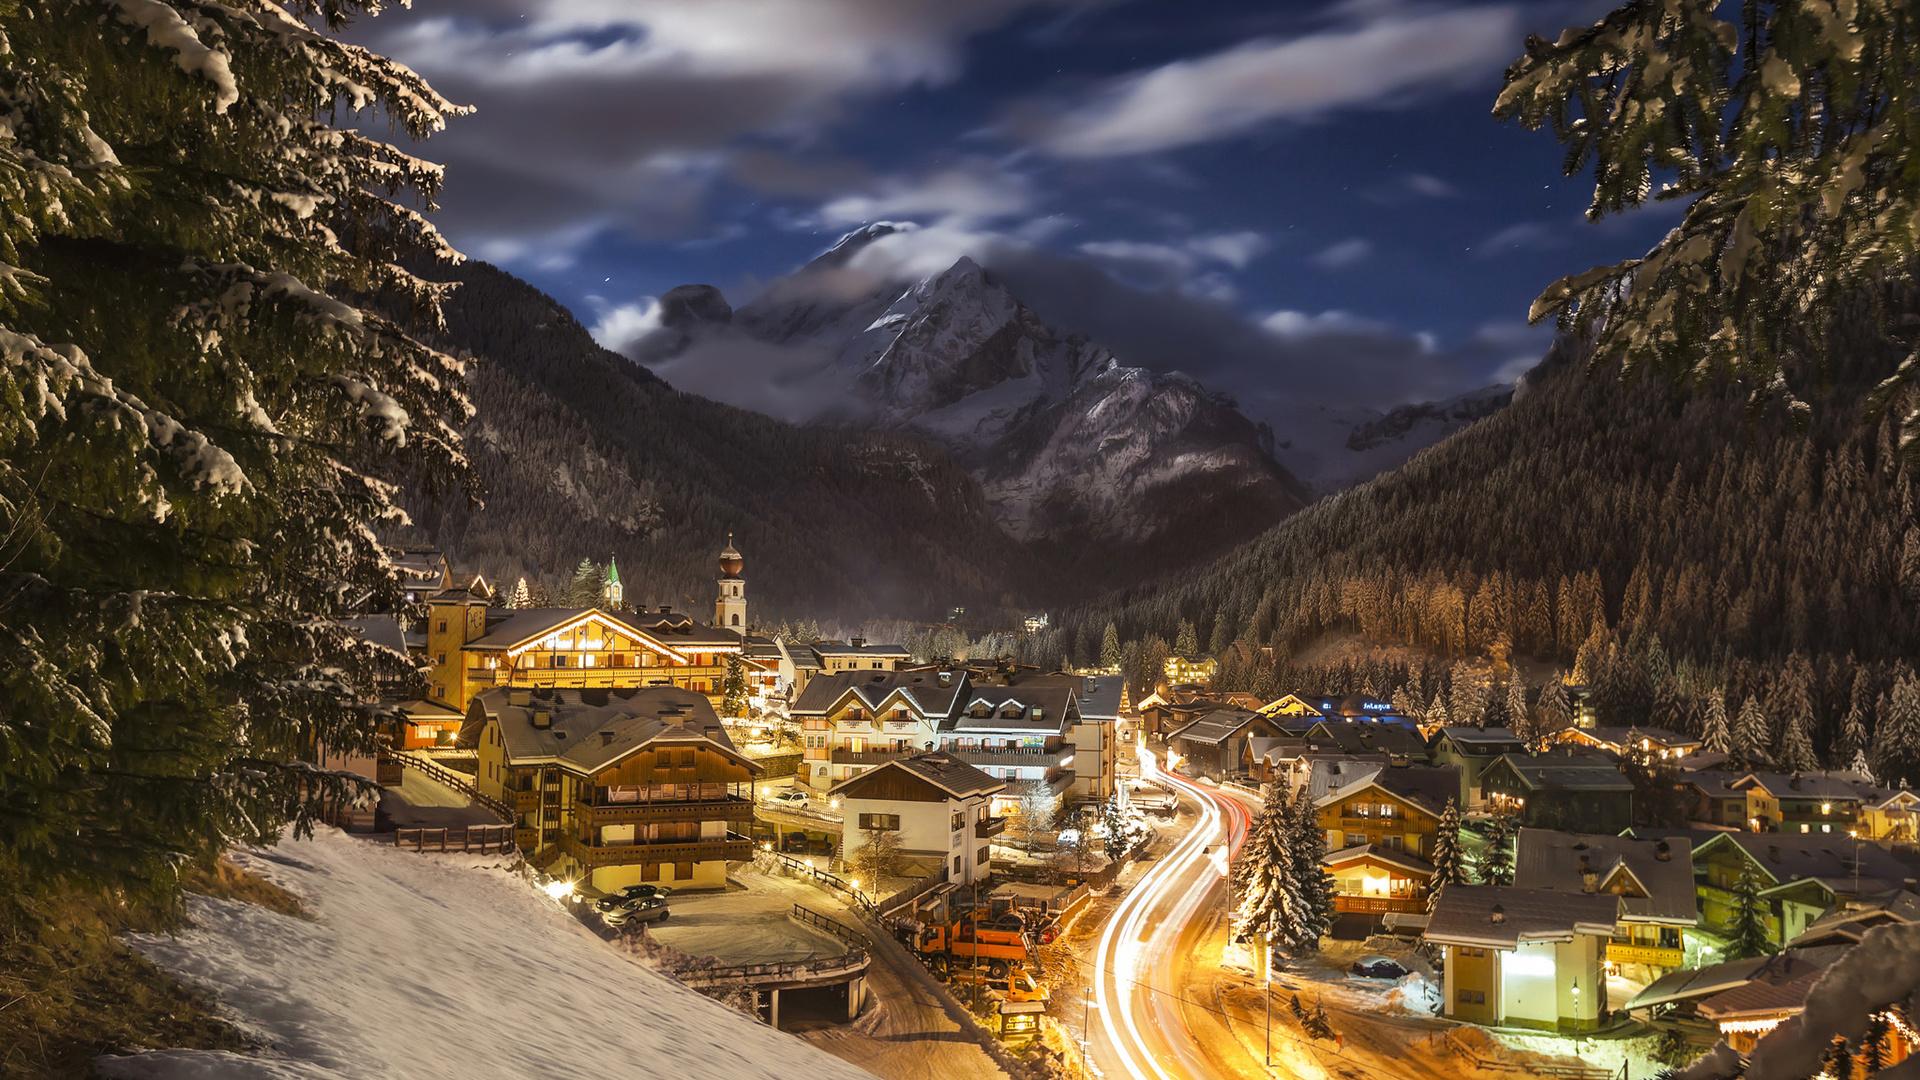 дорога, облака, пейзаж, горы, природа, дома, вечер, ели, освещение, италия, курорт, леса, andrey chabrov, долмиты, доломиты